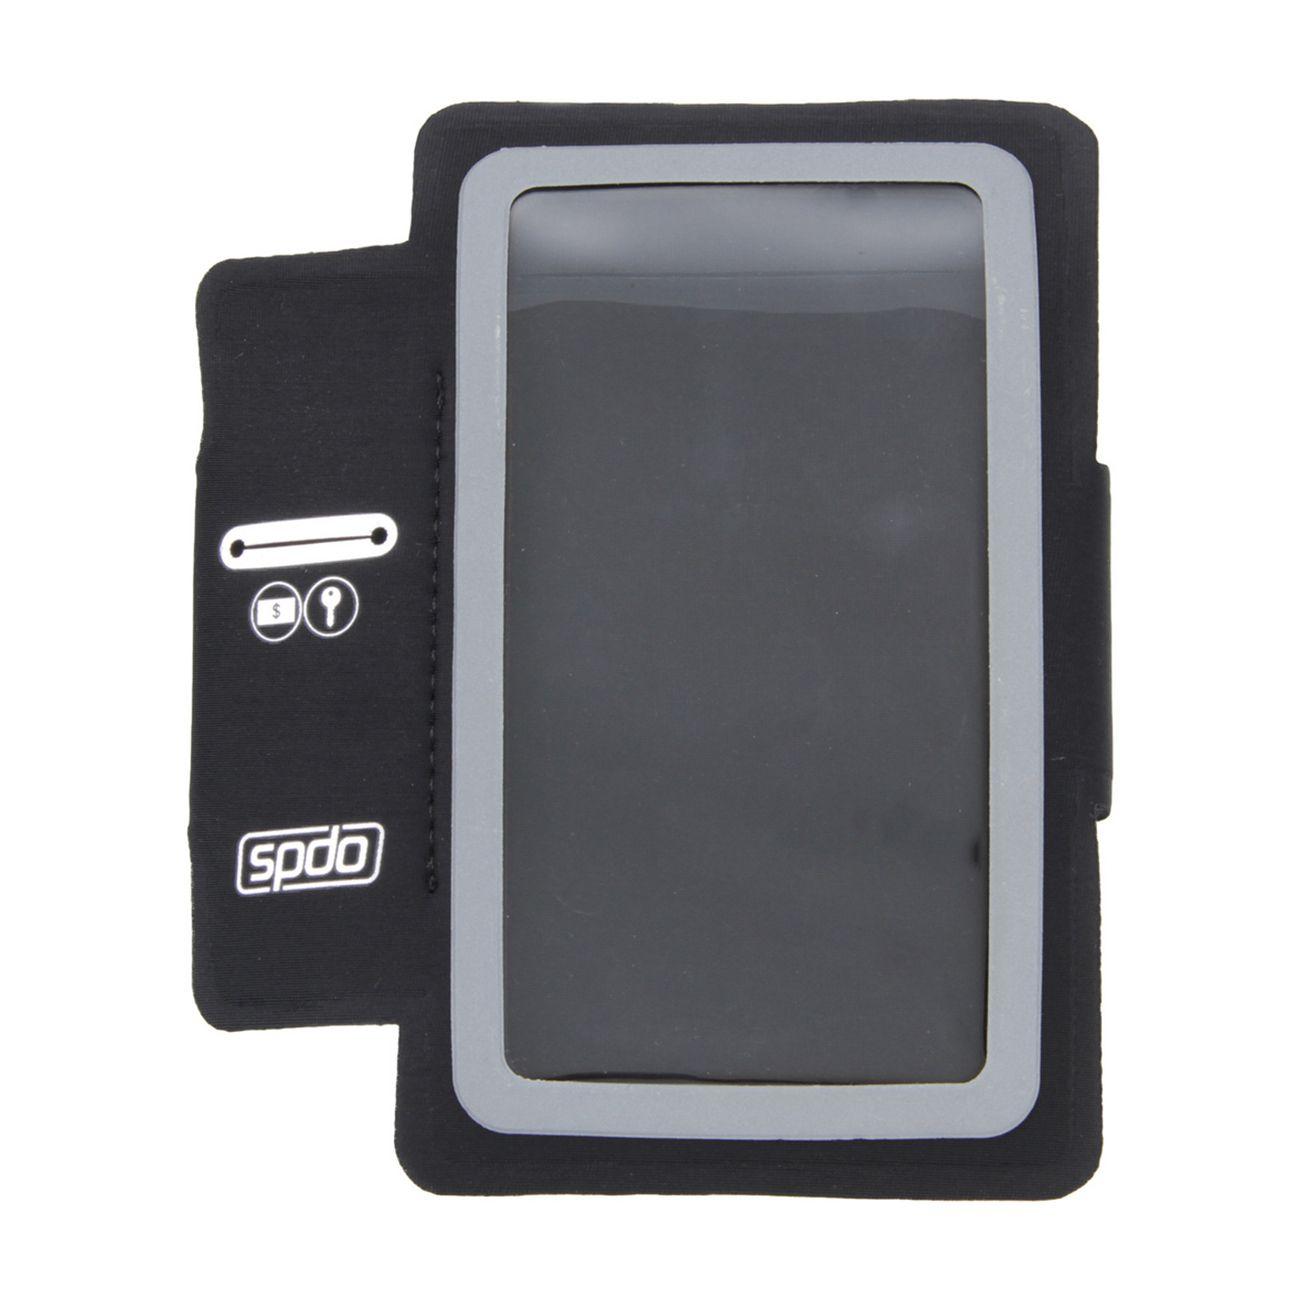 Porta Celular Speedo Slim Plus Fitness Preto